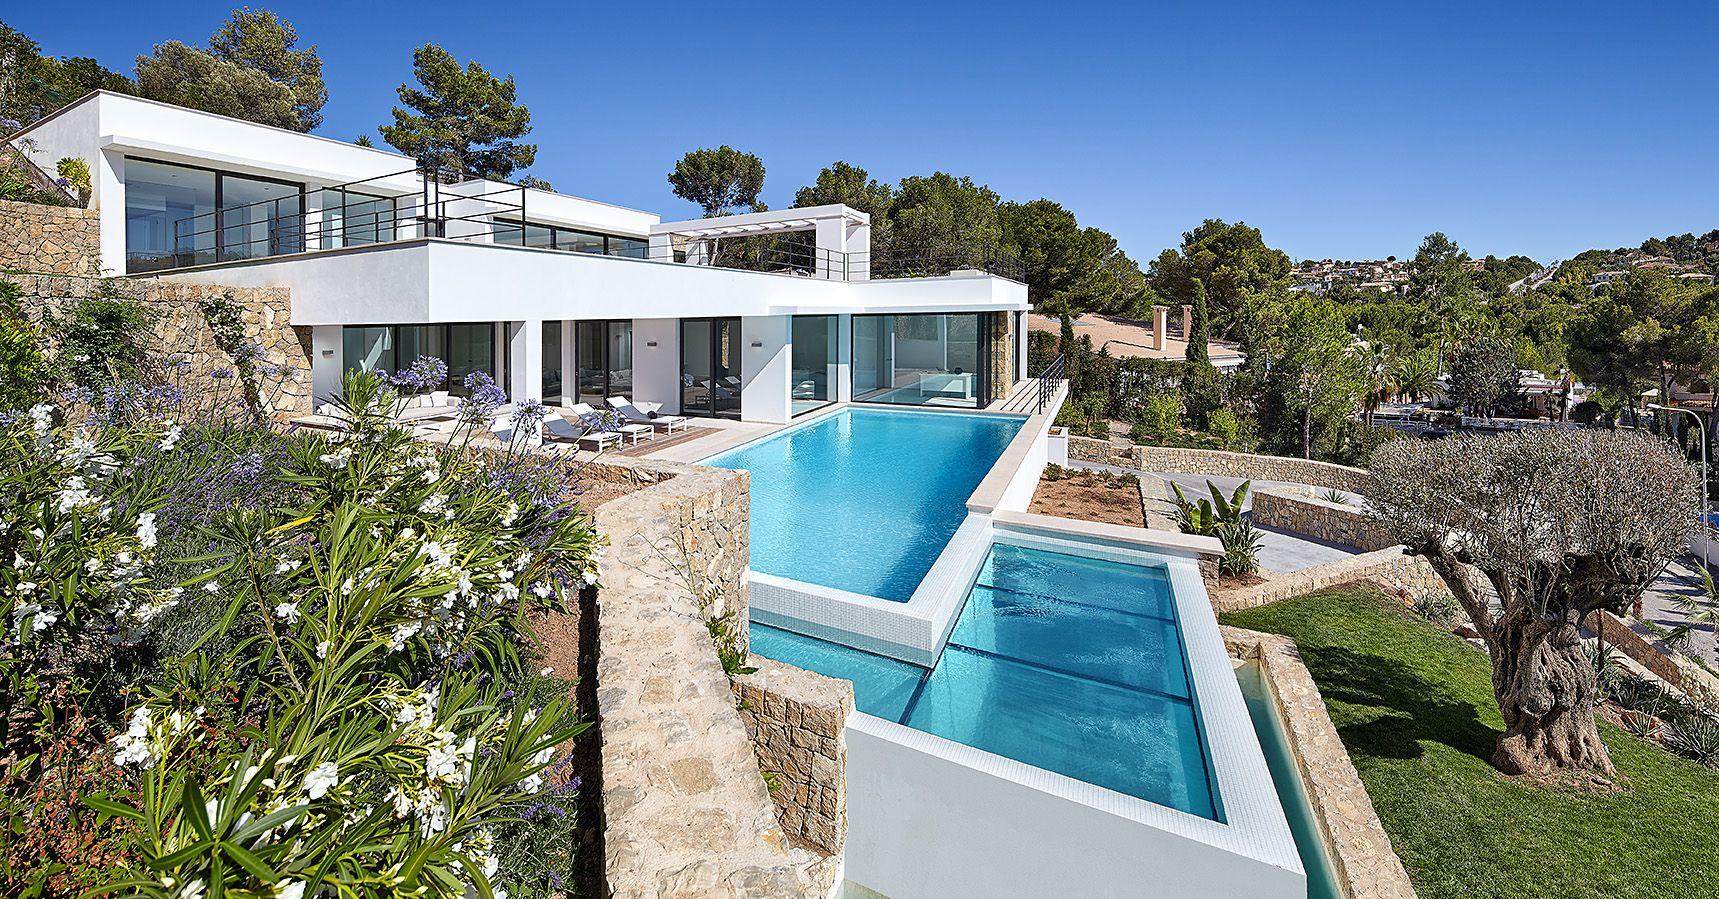 Schönste villa der welt  Villa S29 | Houses that I love | Pinterest | Villas, Exterior and ...